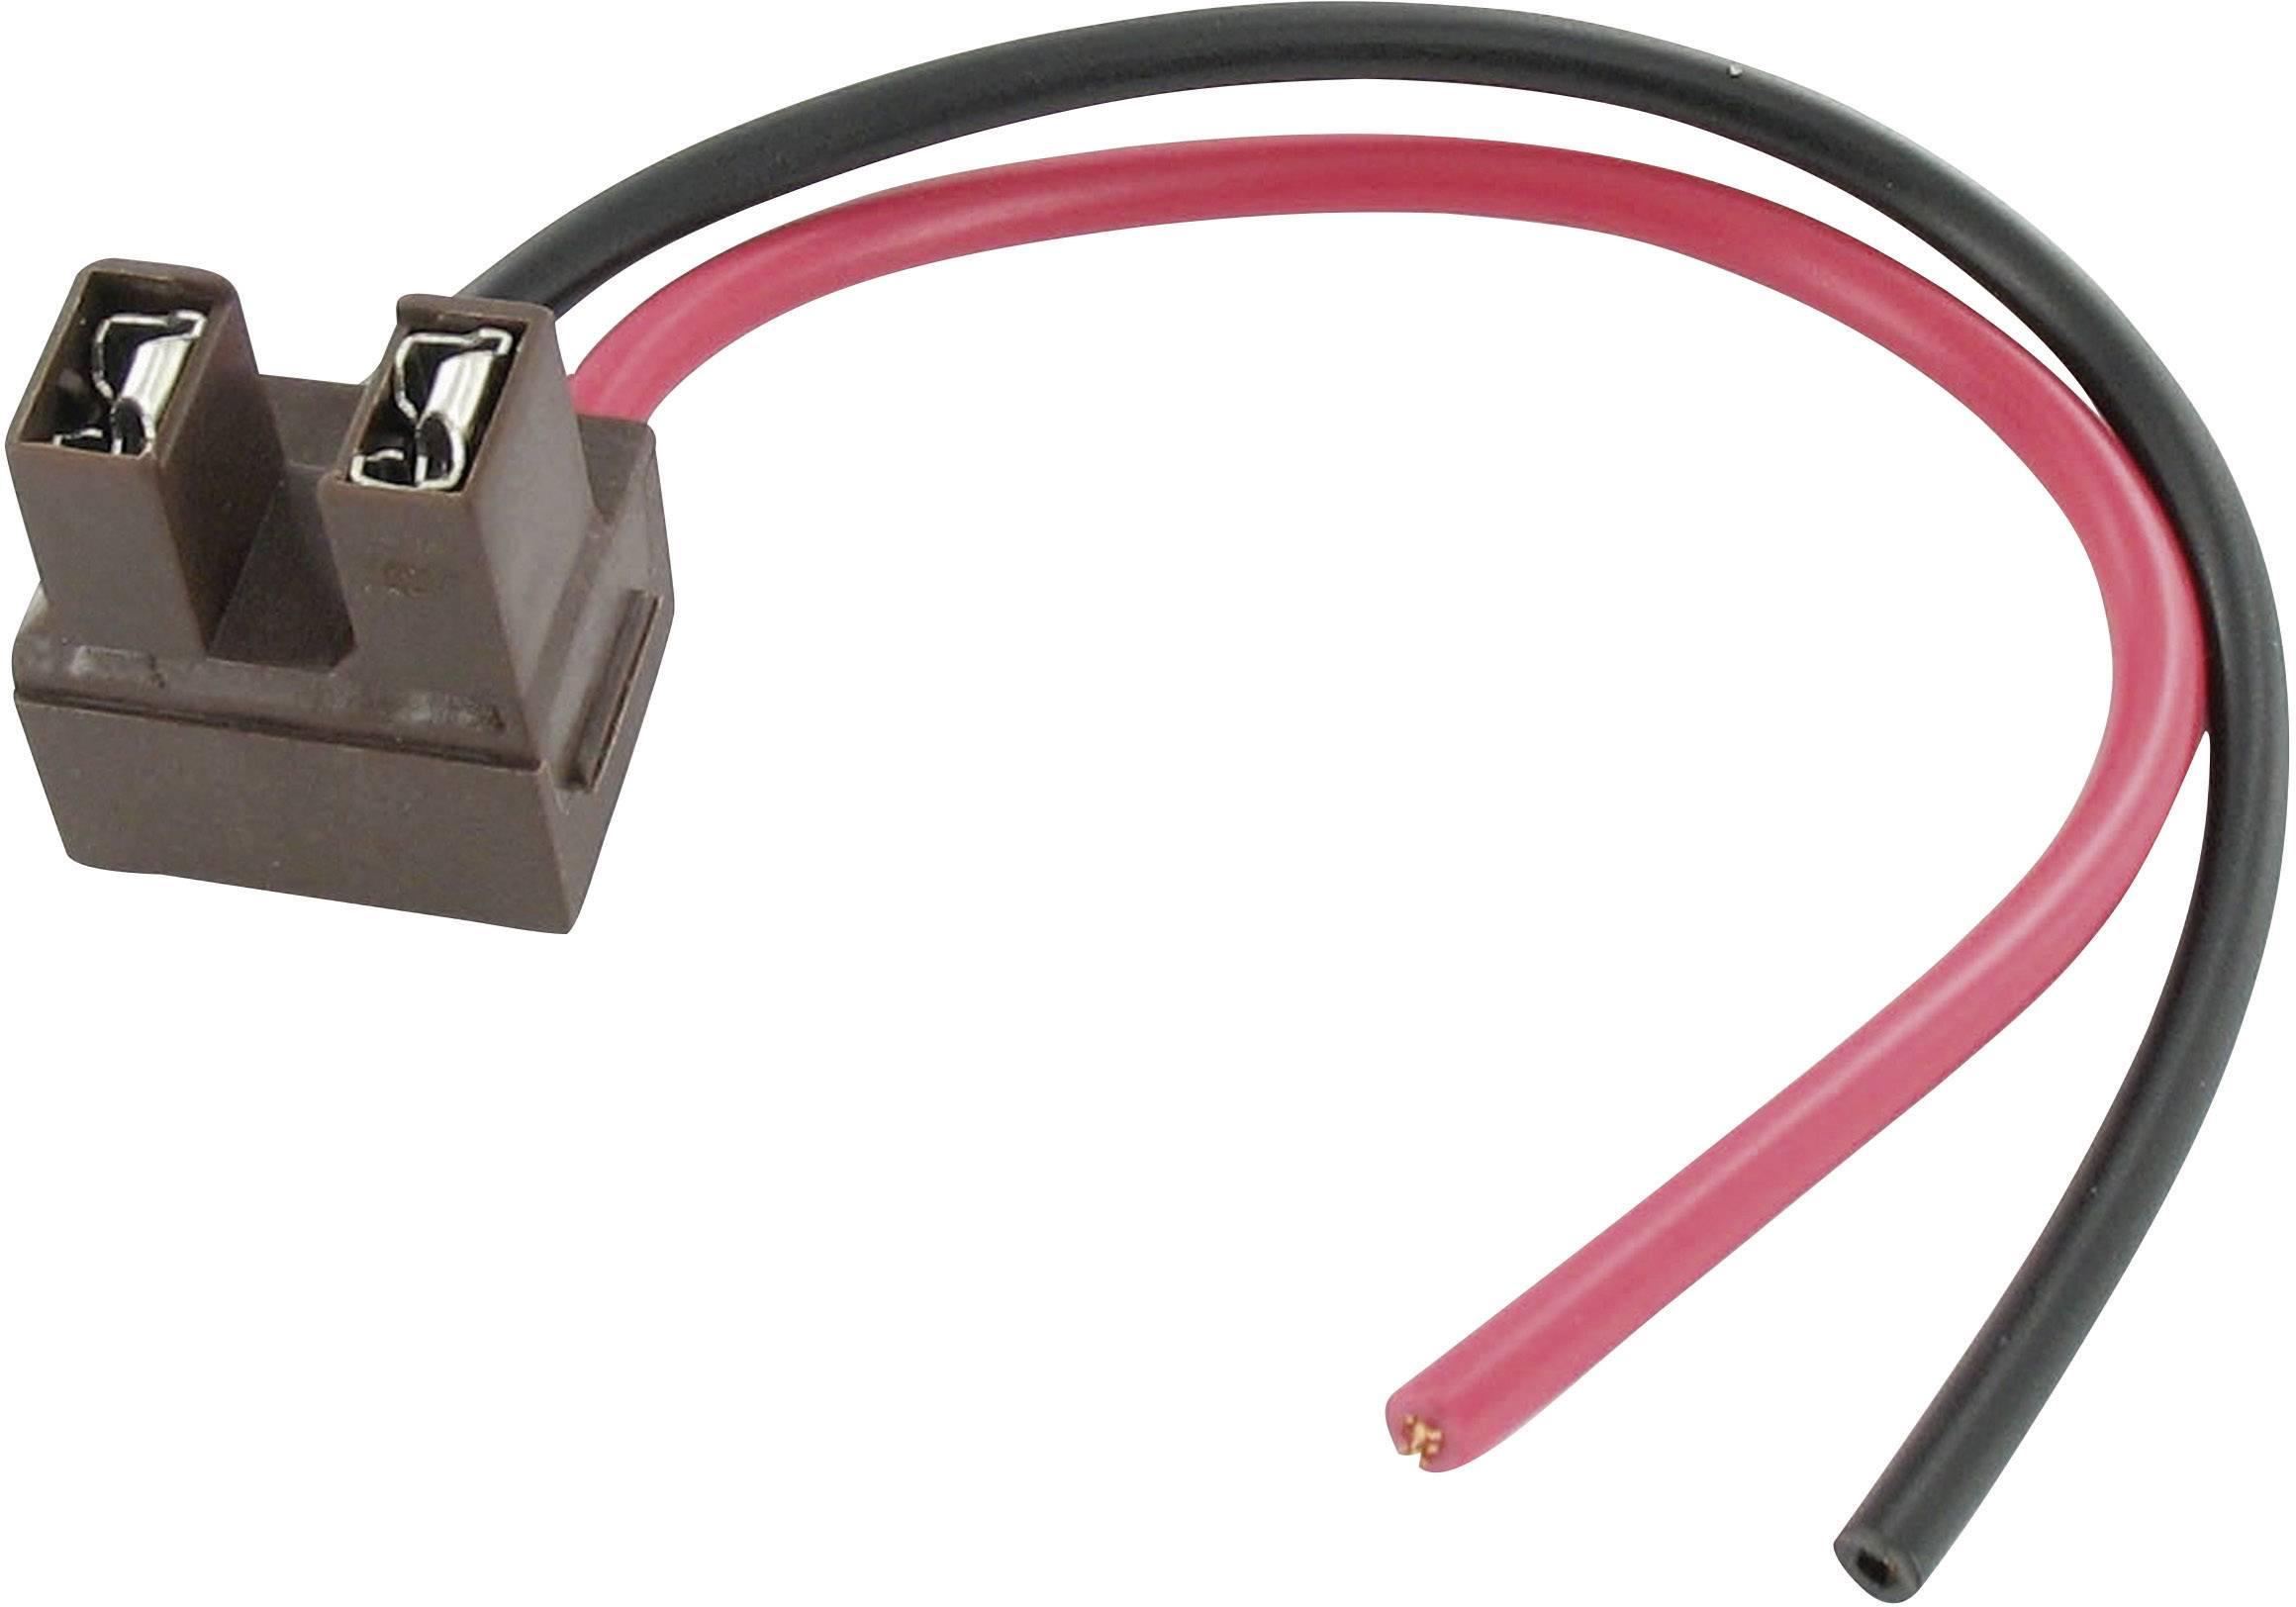 Kfz-/LKW-žiarovkové objímky